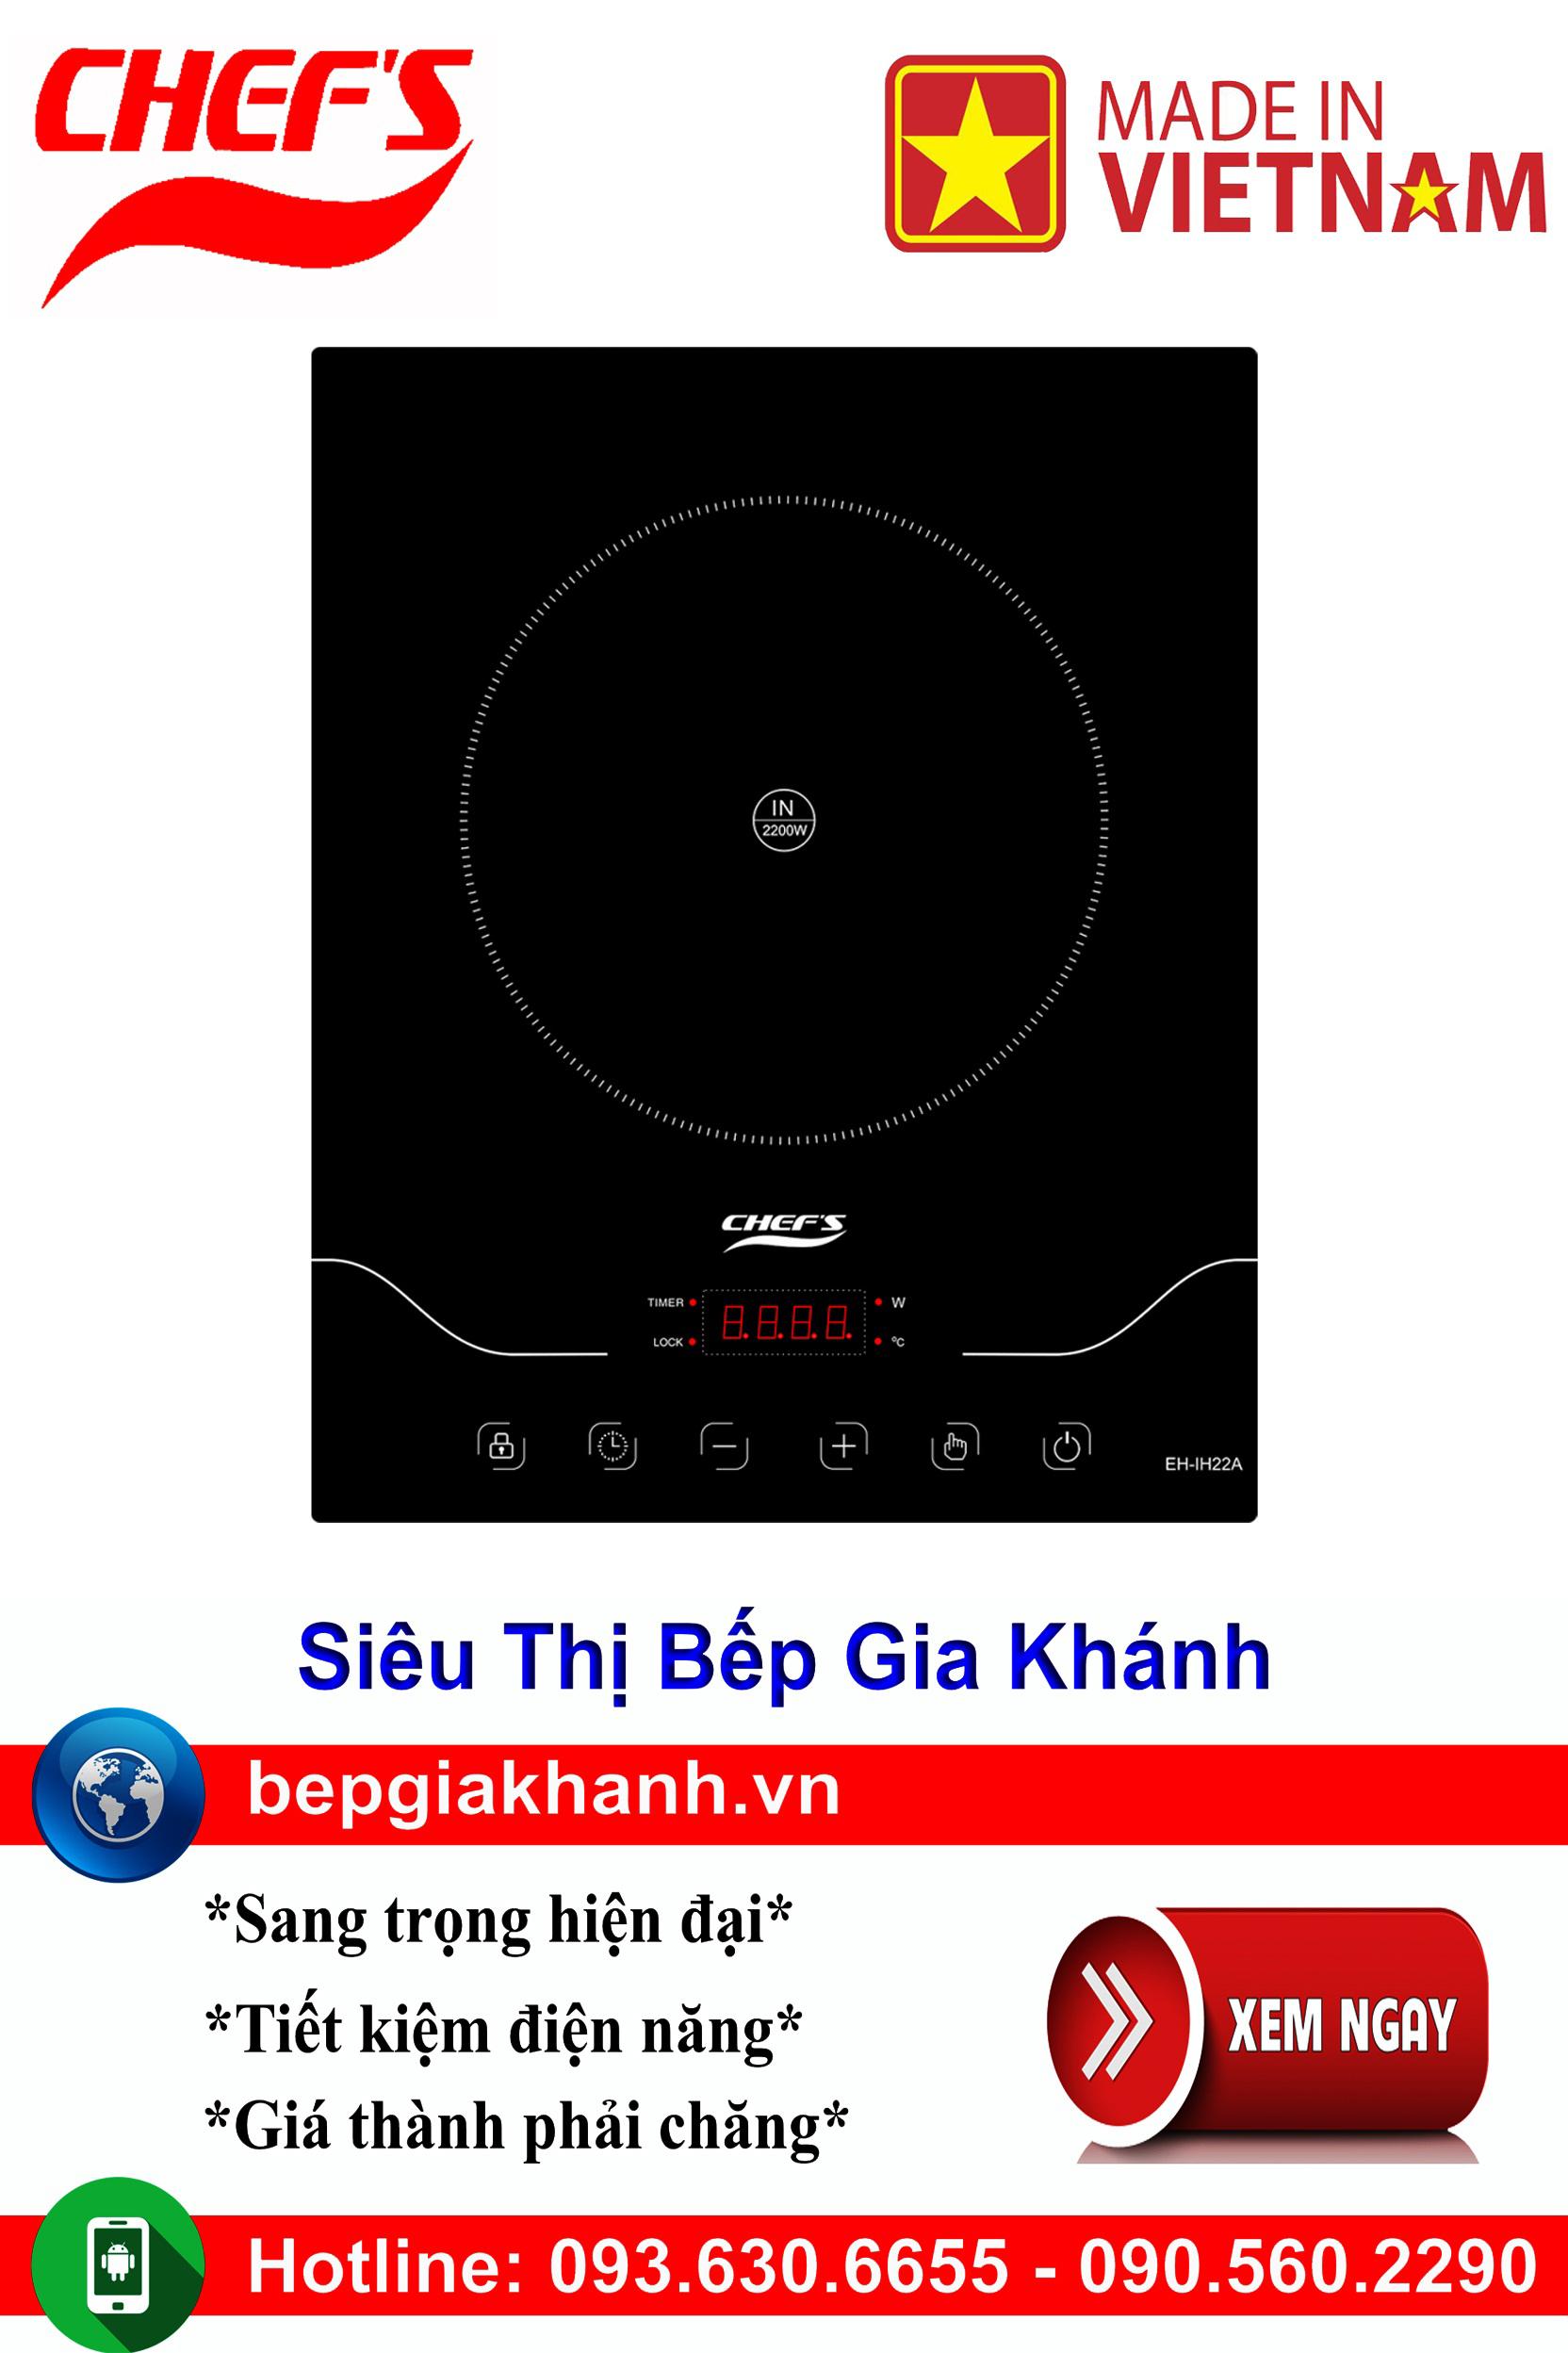 [HCM]Bếp từ đơn Chefs EH IH22A lắp ráp Việt Nam bếp từ bếp điện từ bếp từ đôi bếp điện từ đôi bếp từ giá rẻ bếp điện từ giá rẻ bếp từ đơn bep tu don bep tu